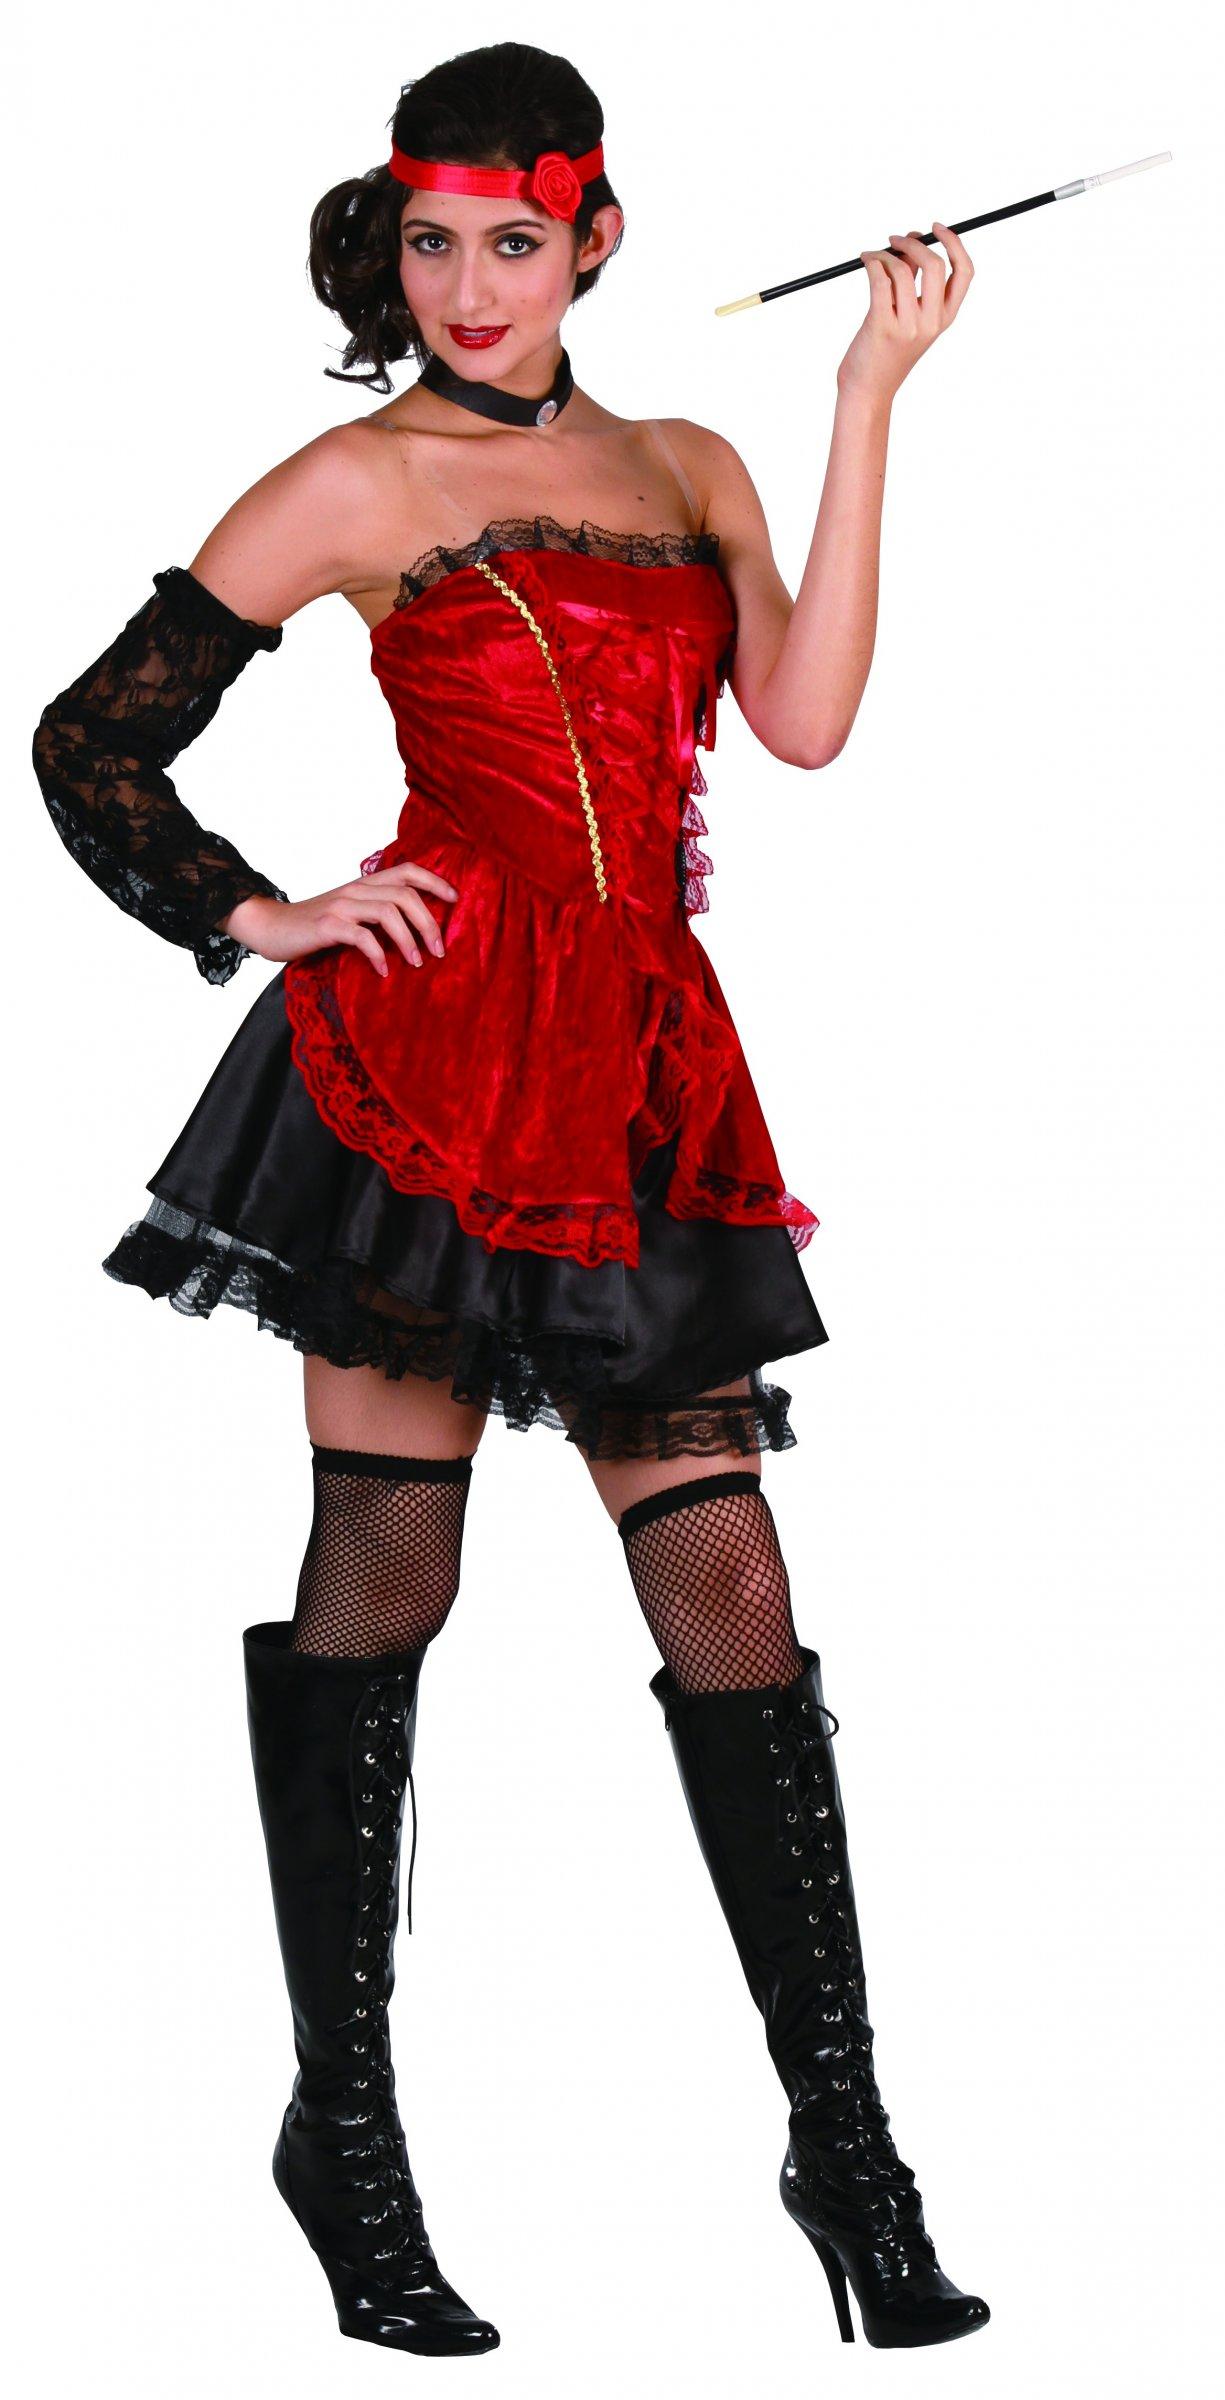 D guisement cabaret pour femme costume music hall soir e th me - Theme de deguisement ...